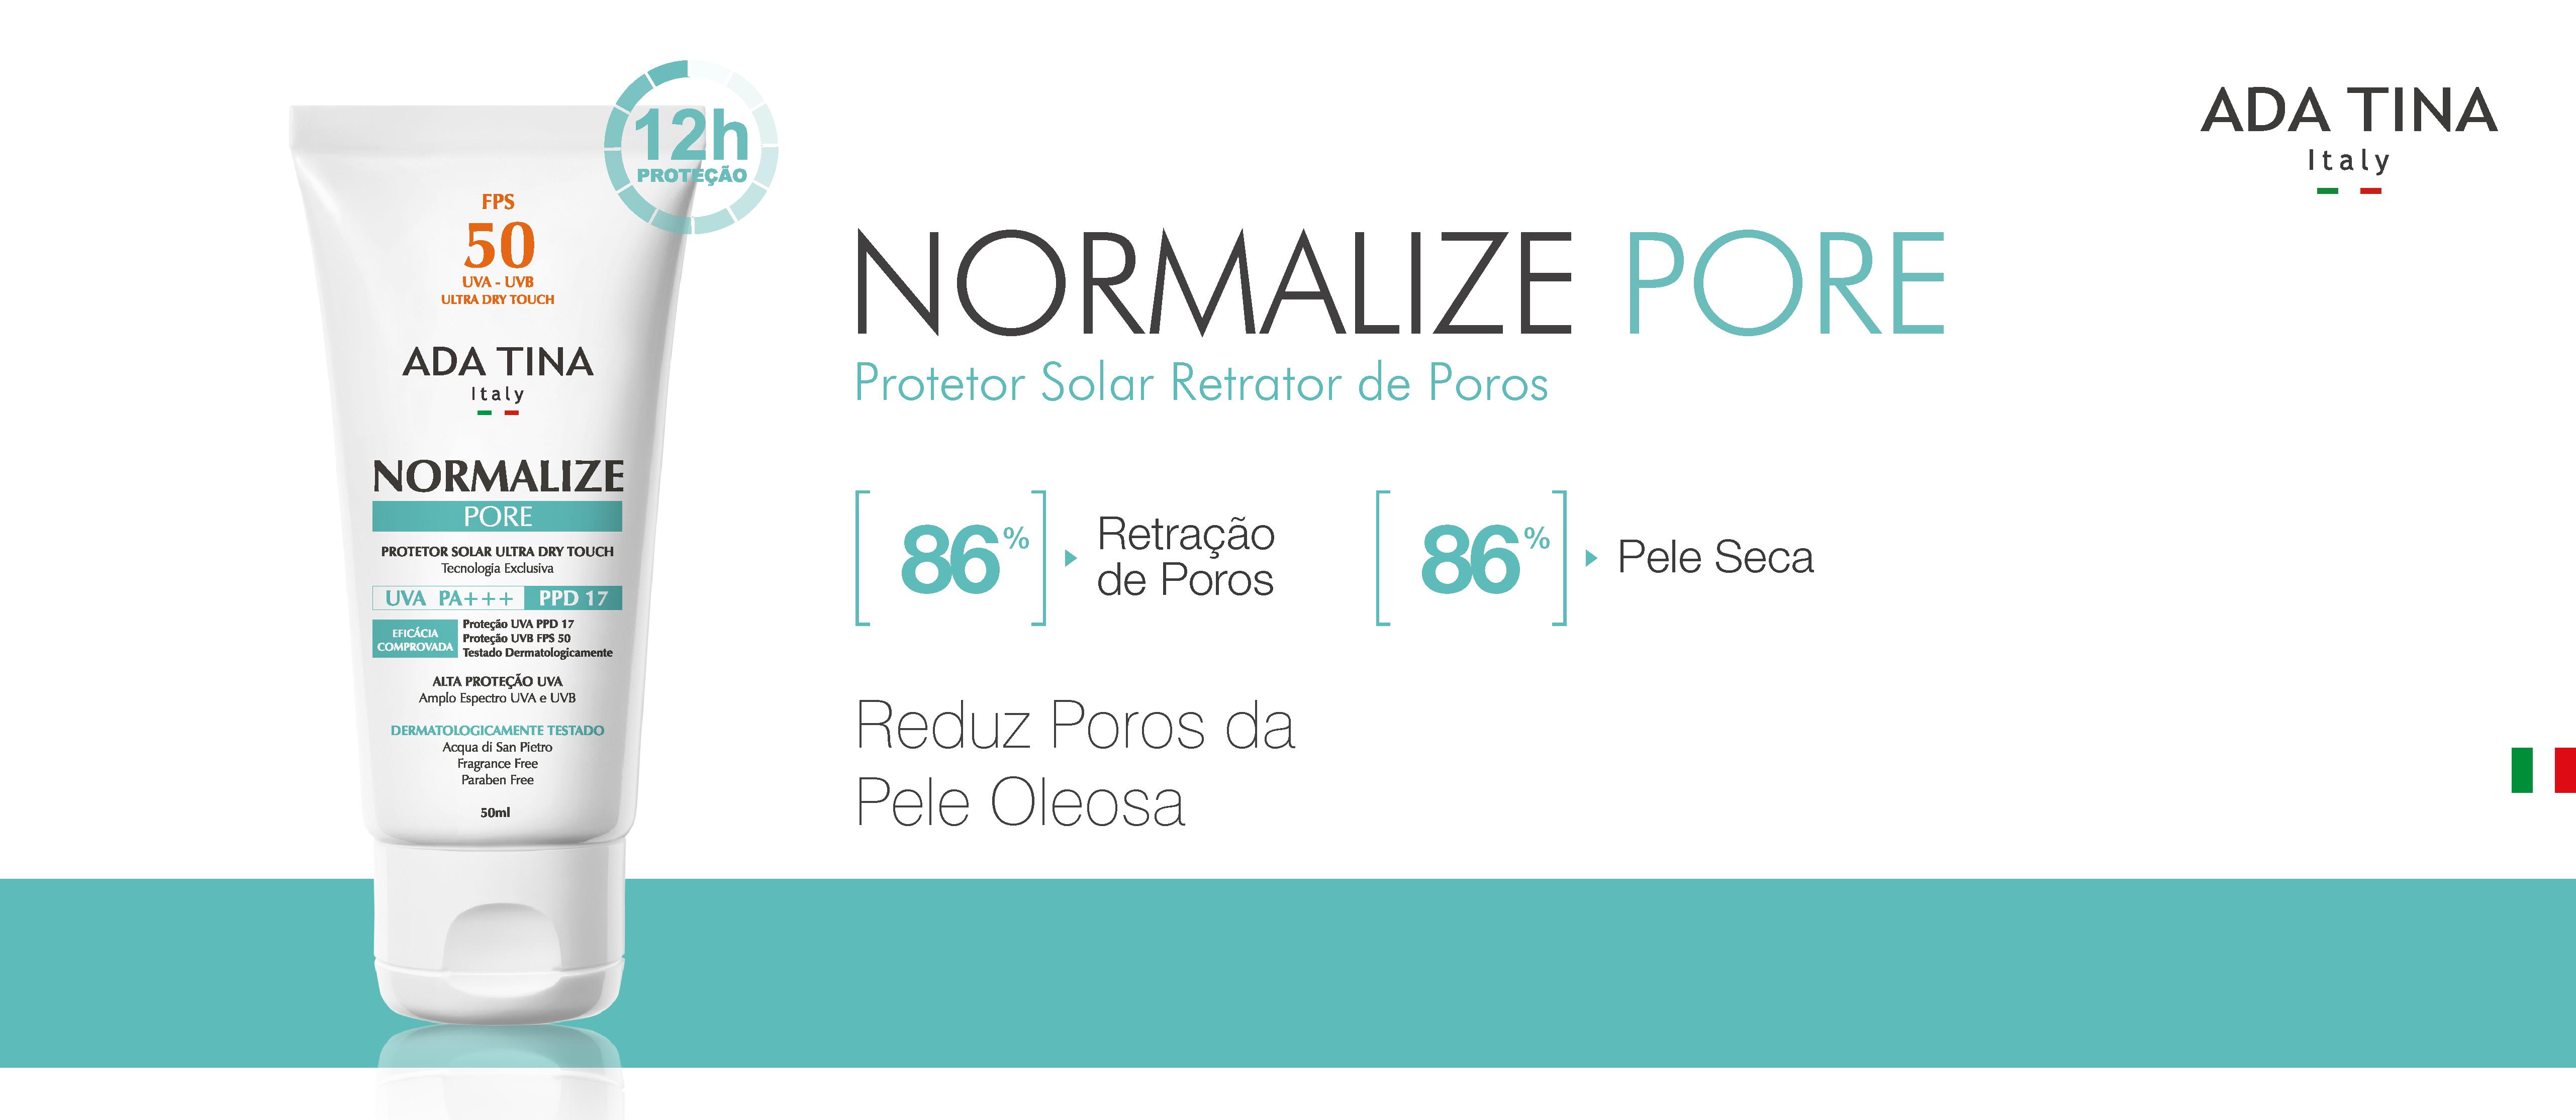 Normalize Pore